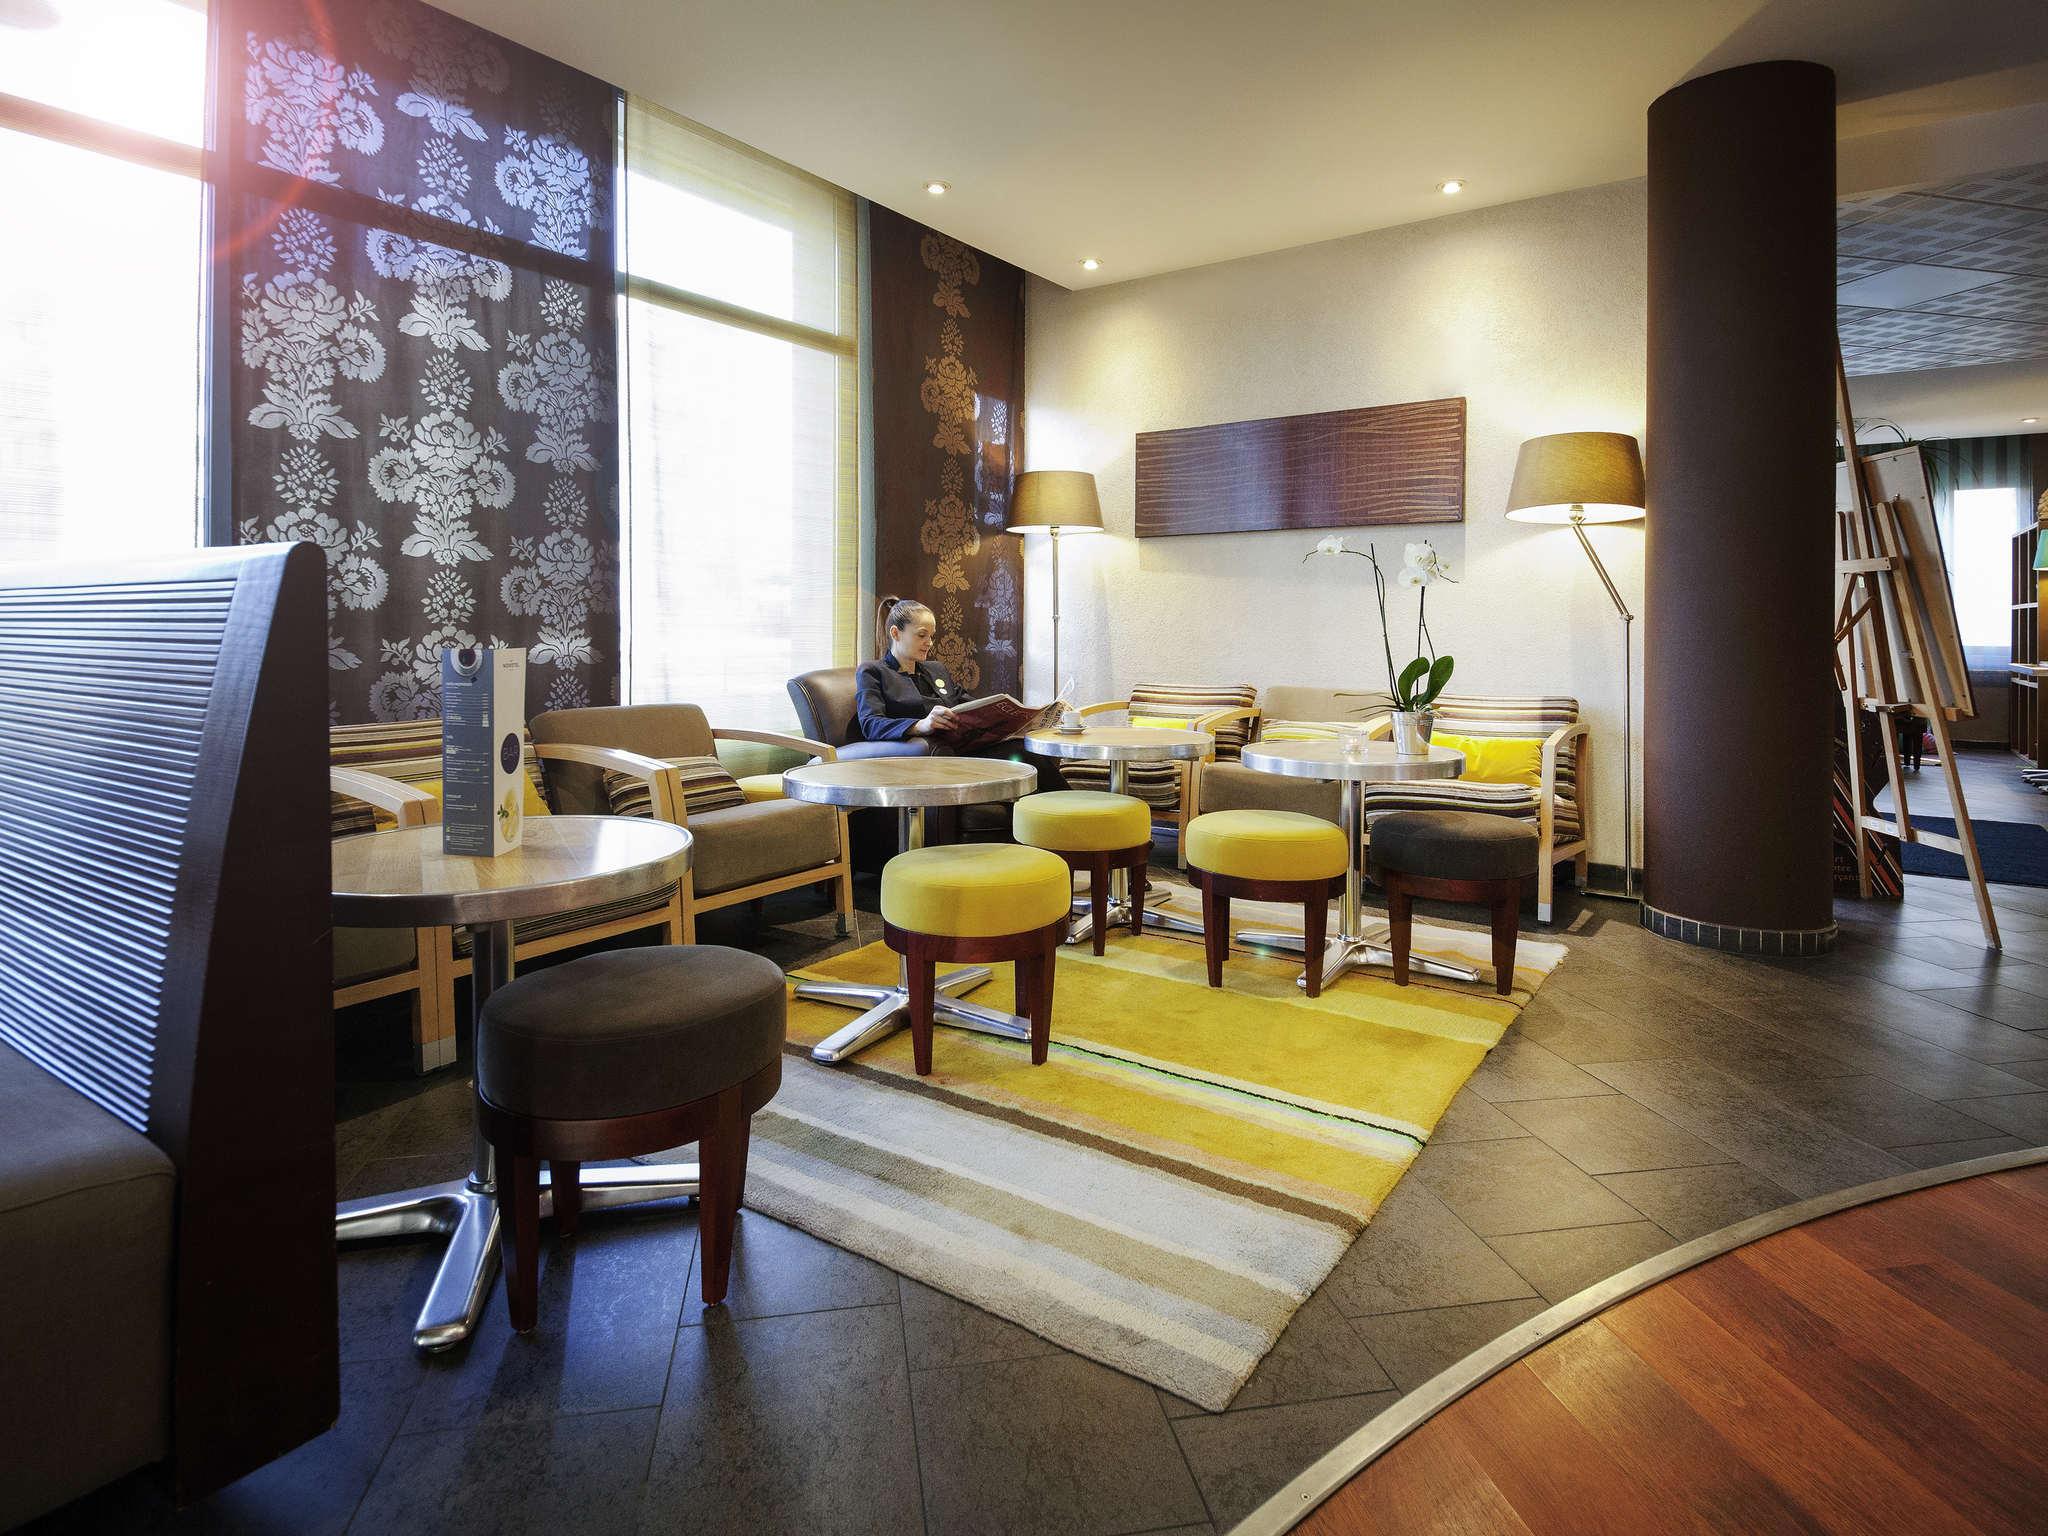 酒店 – 波利多姆克莱蒙费朗诺富特套房酒店